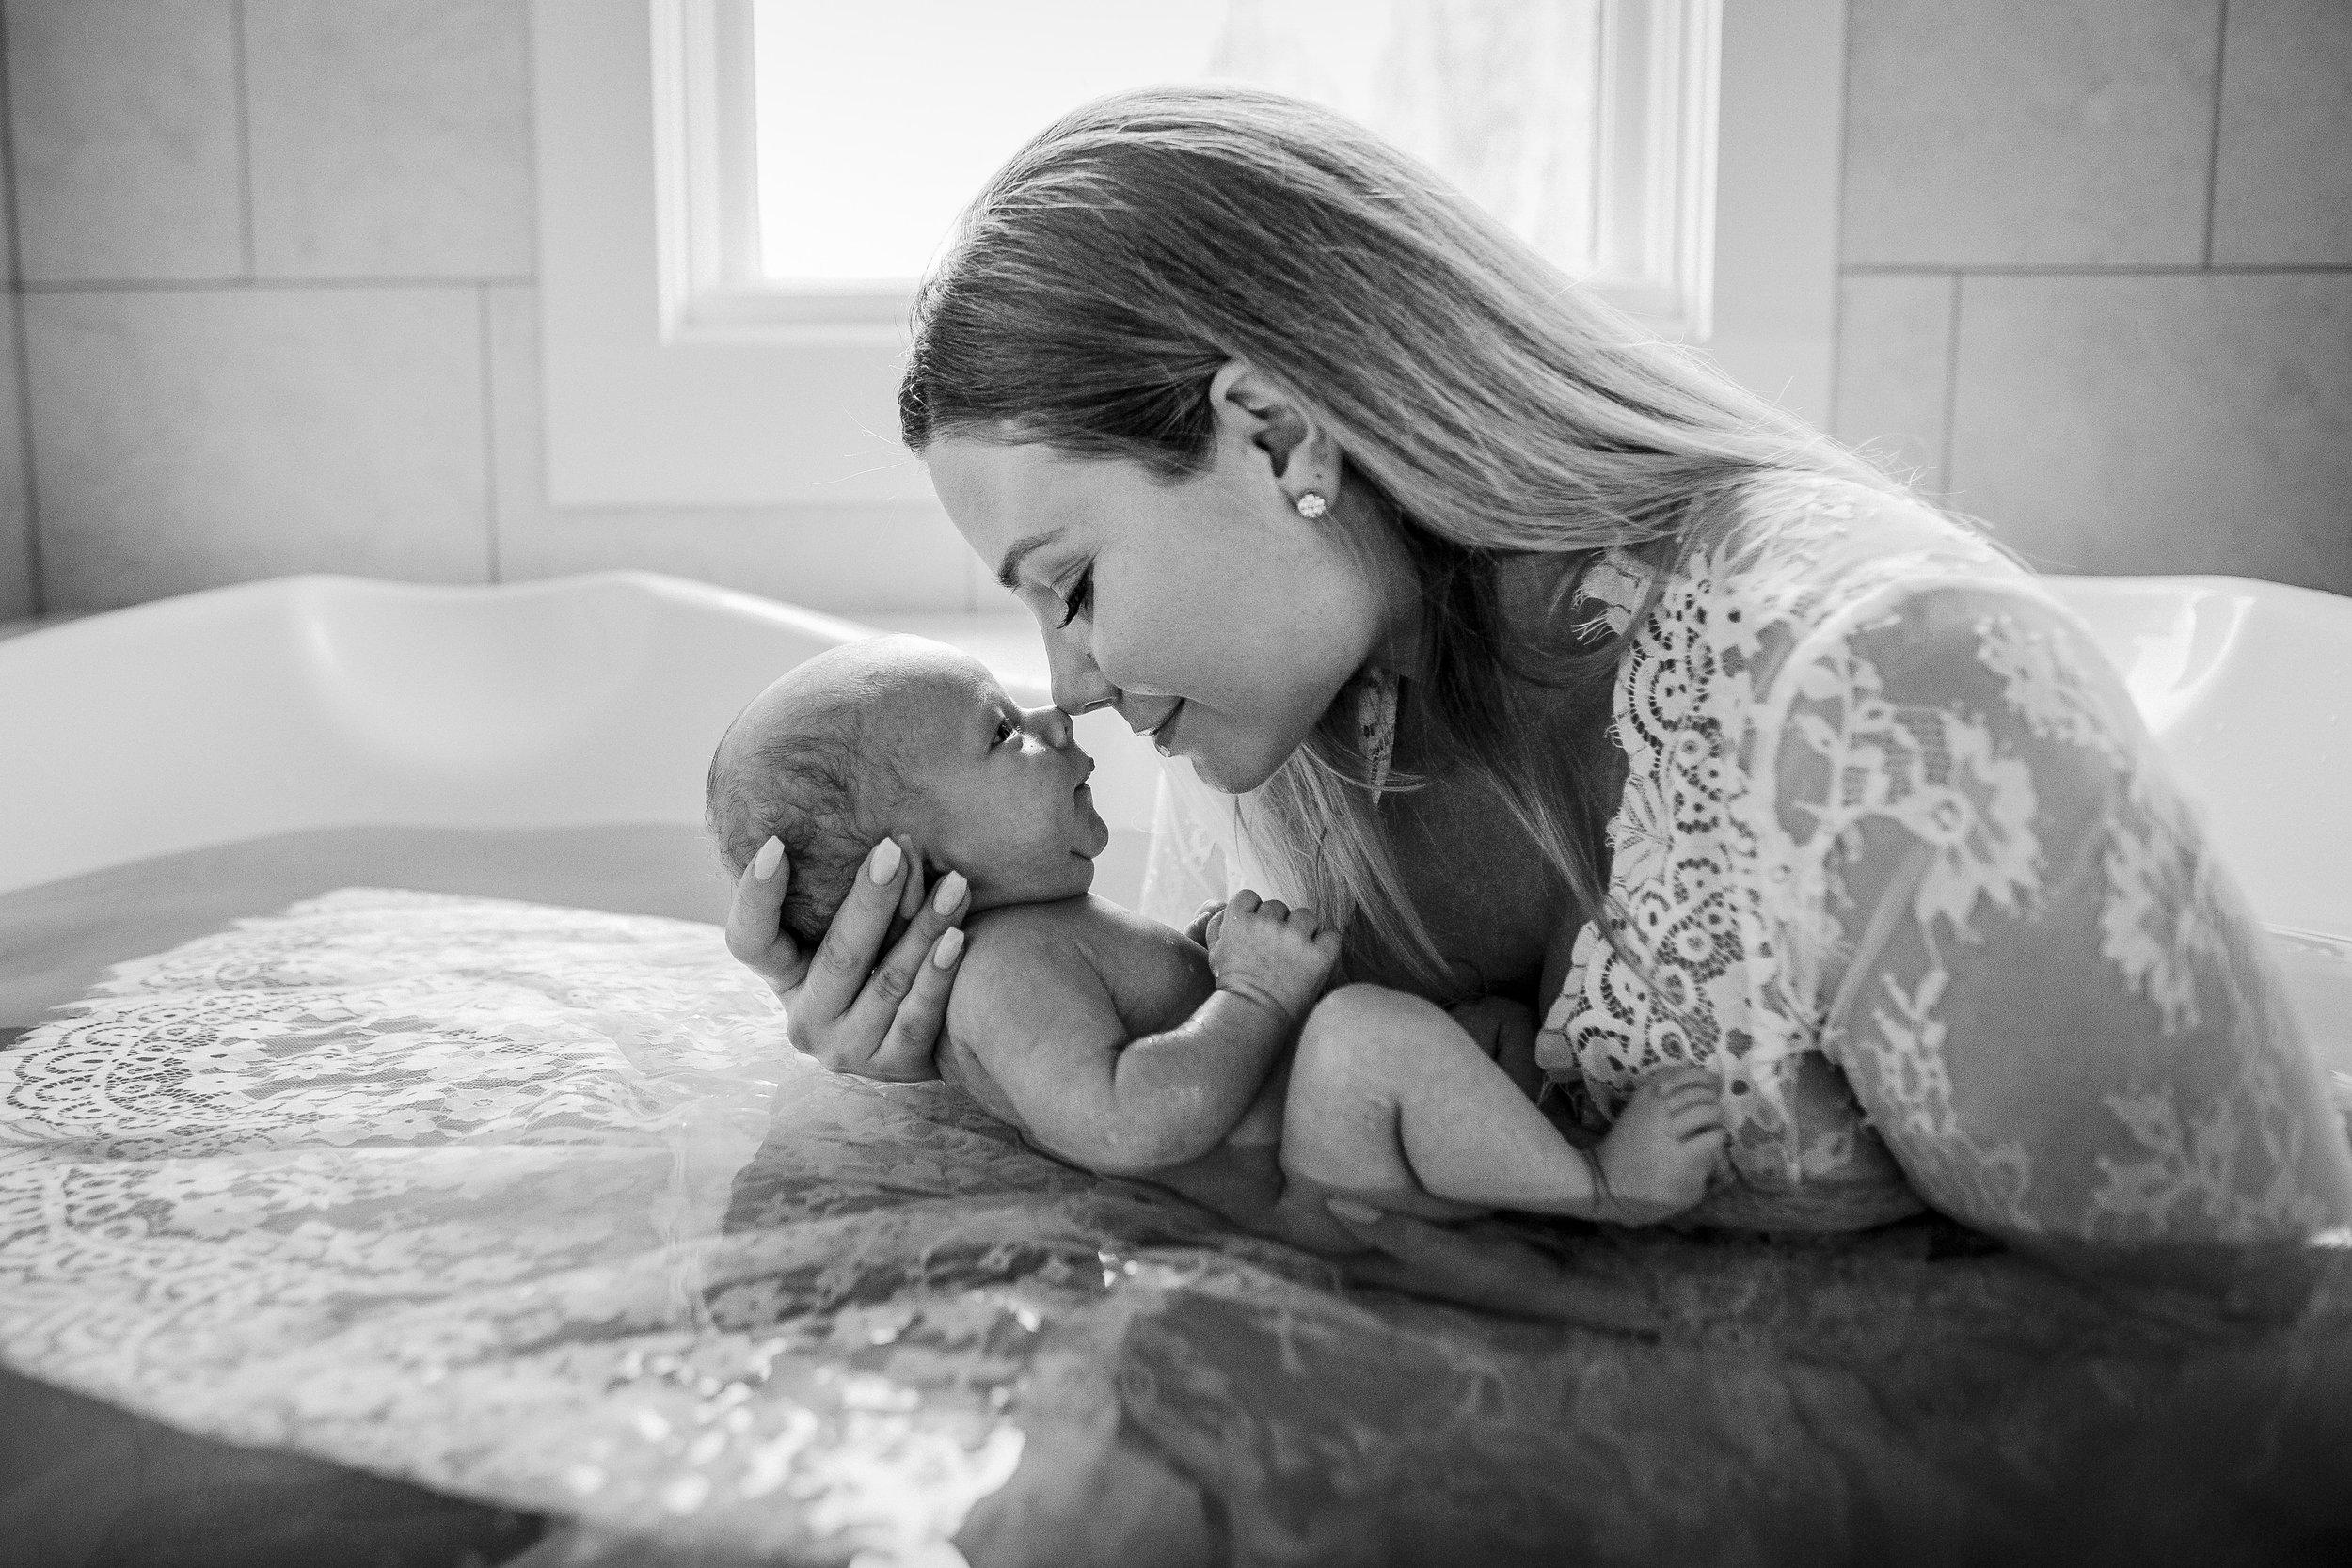 mom-baby-bath-postpartum-hebal-noses-backlit